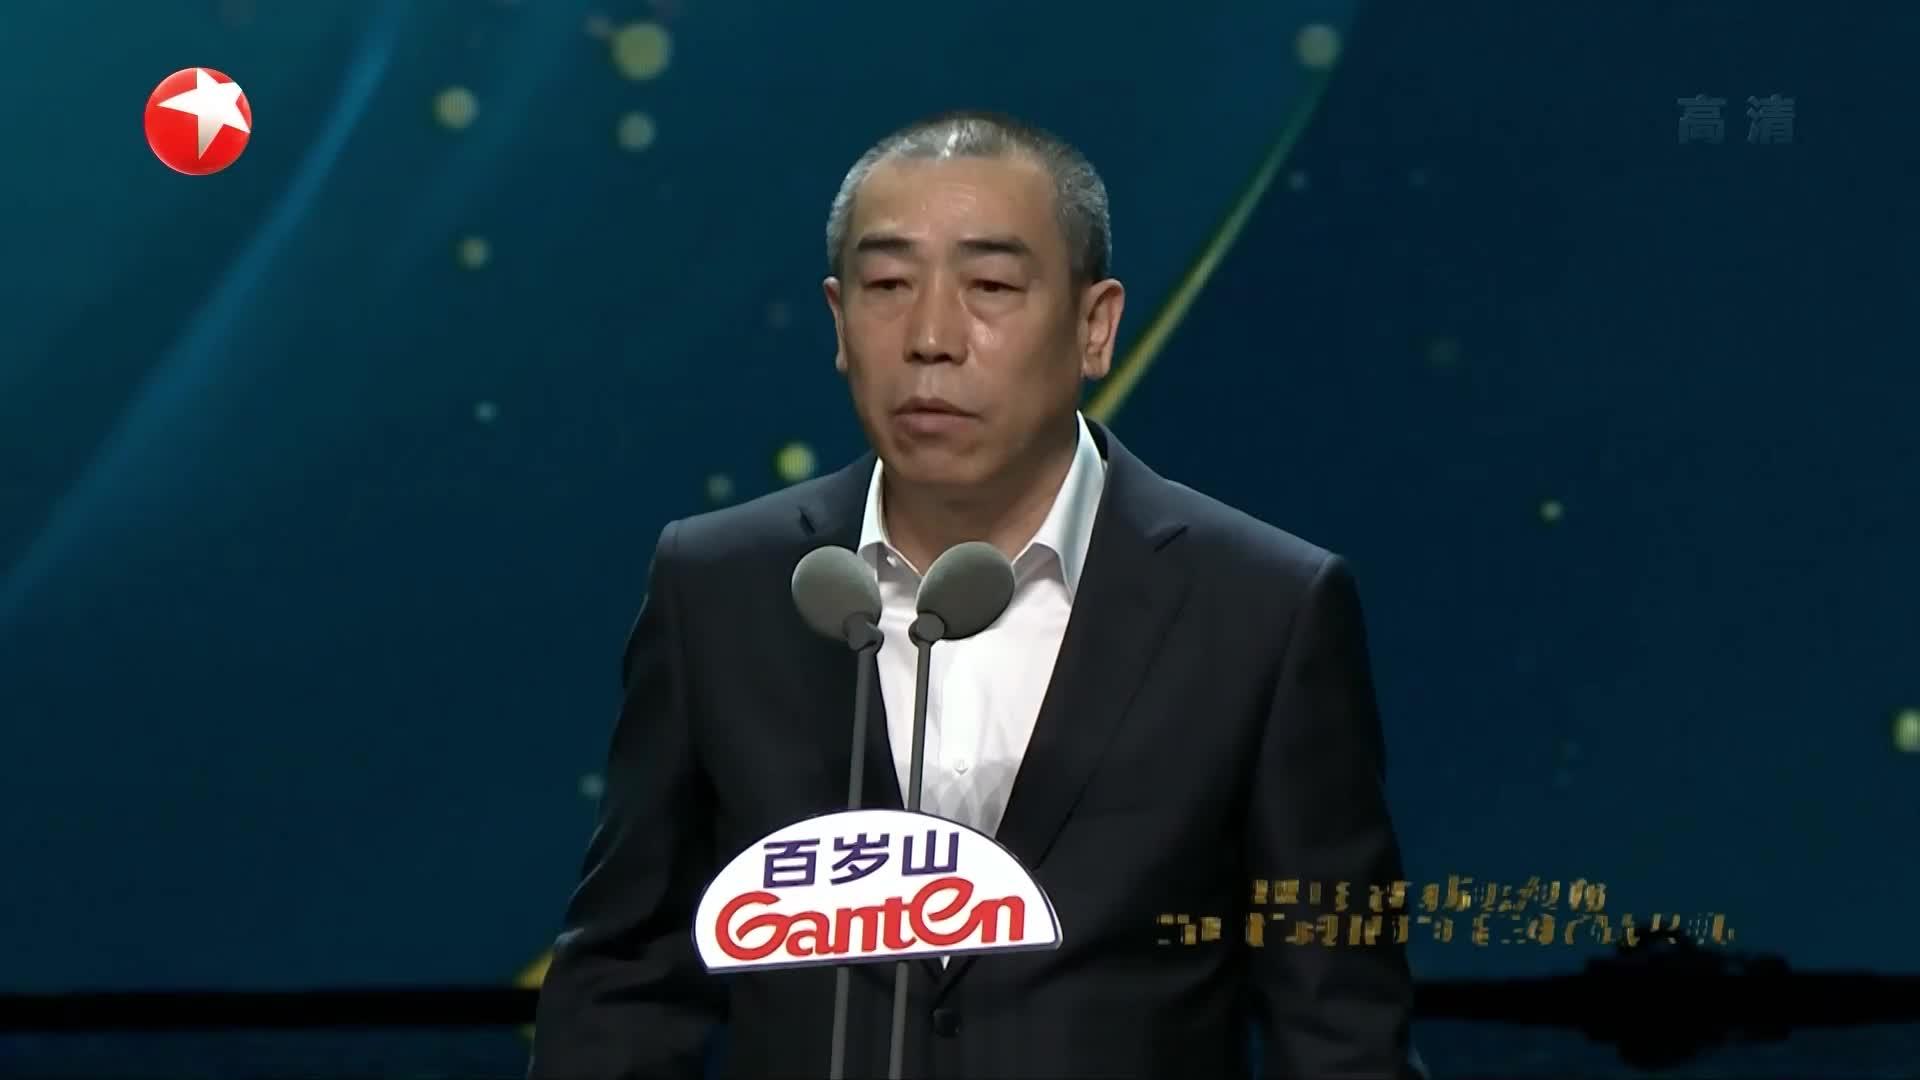 电视剧《装台》编剧马晓勇获奖感言